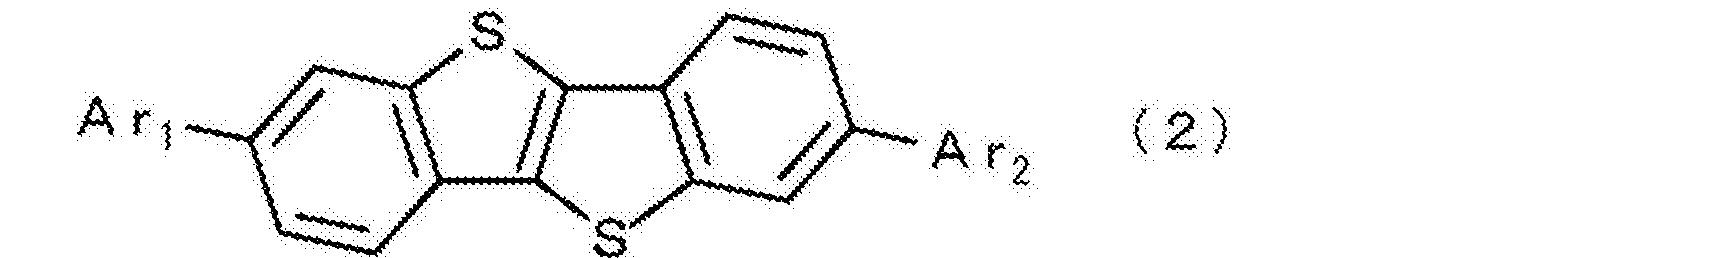 Figure CN107534050AC00022